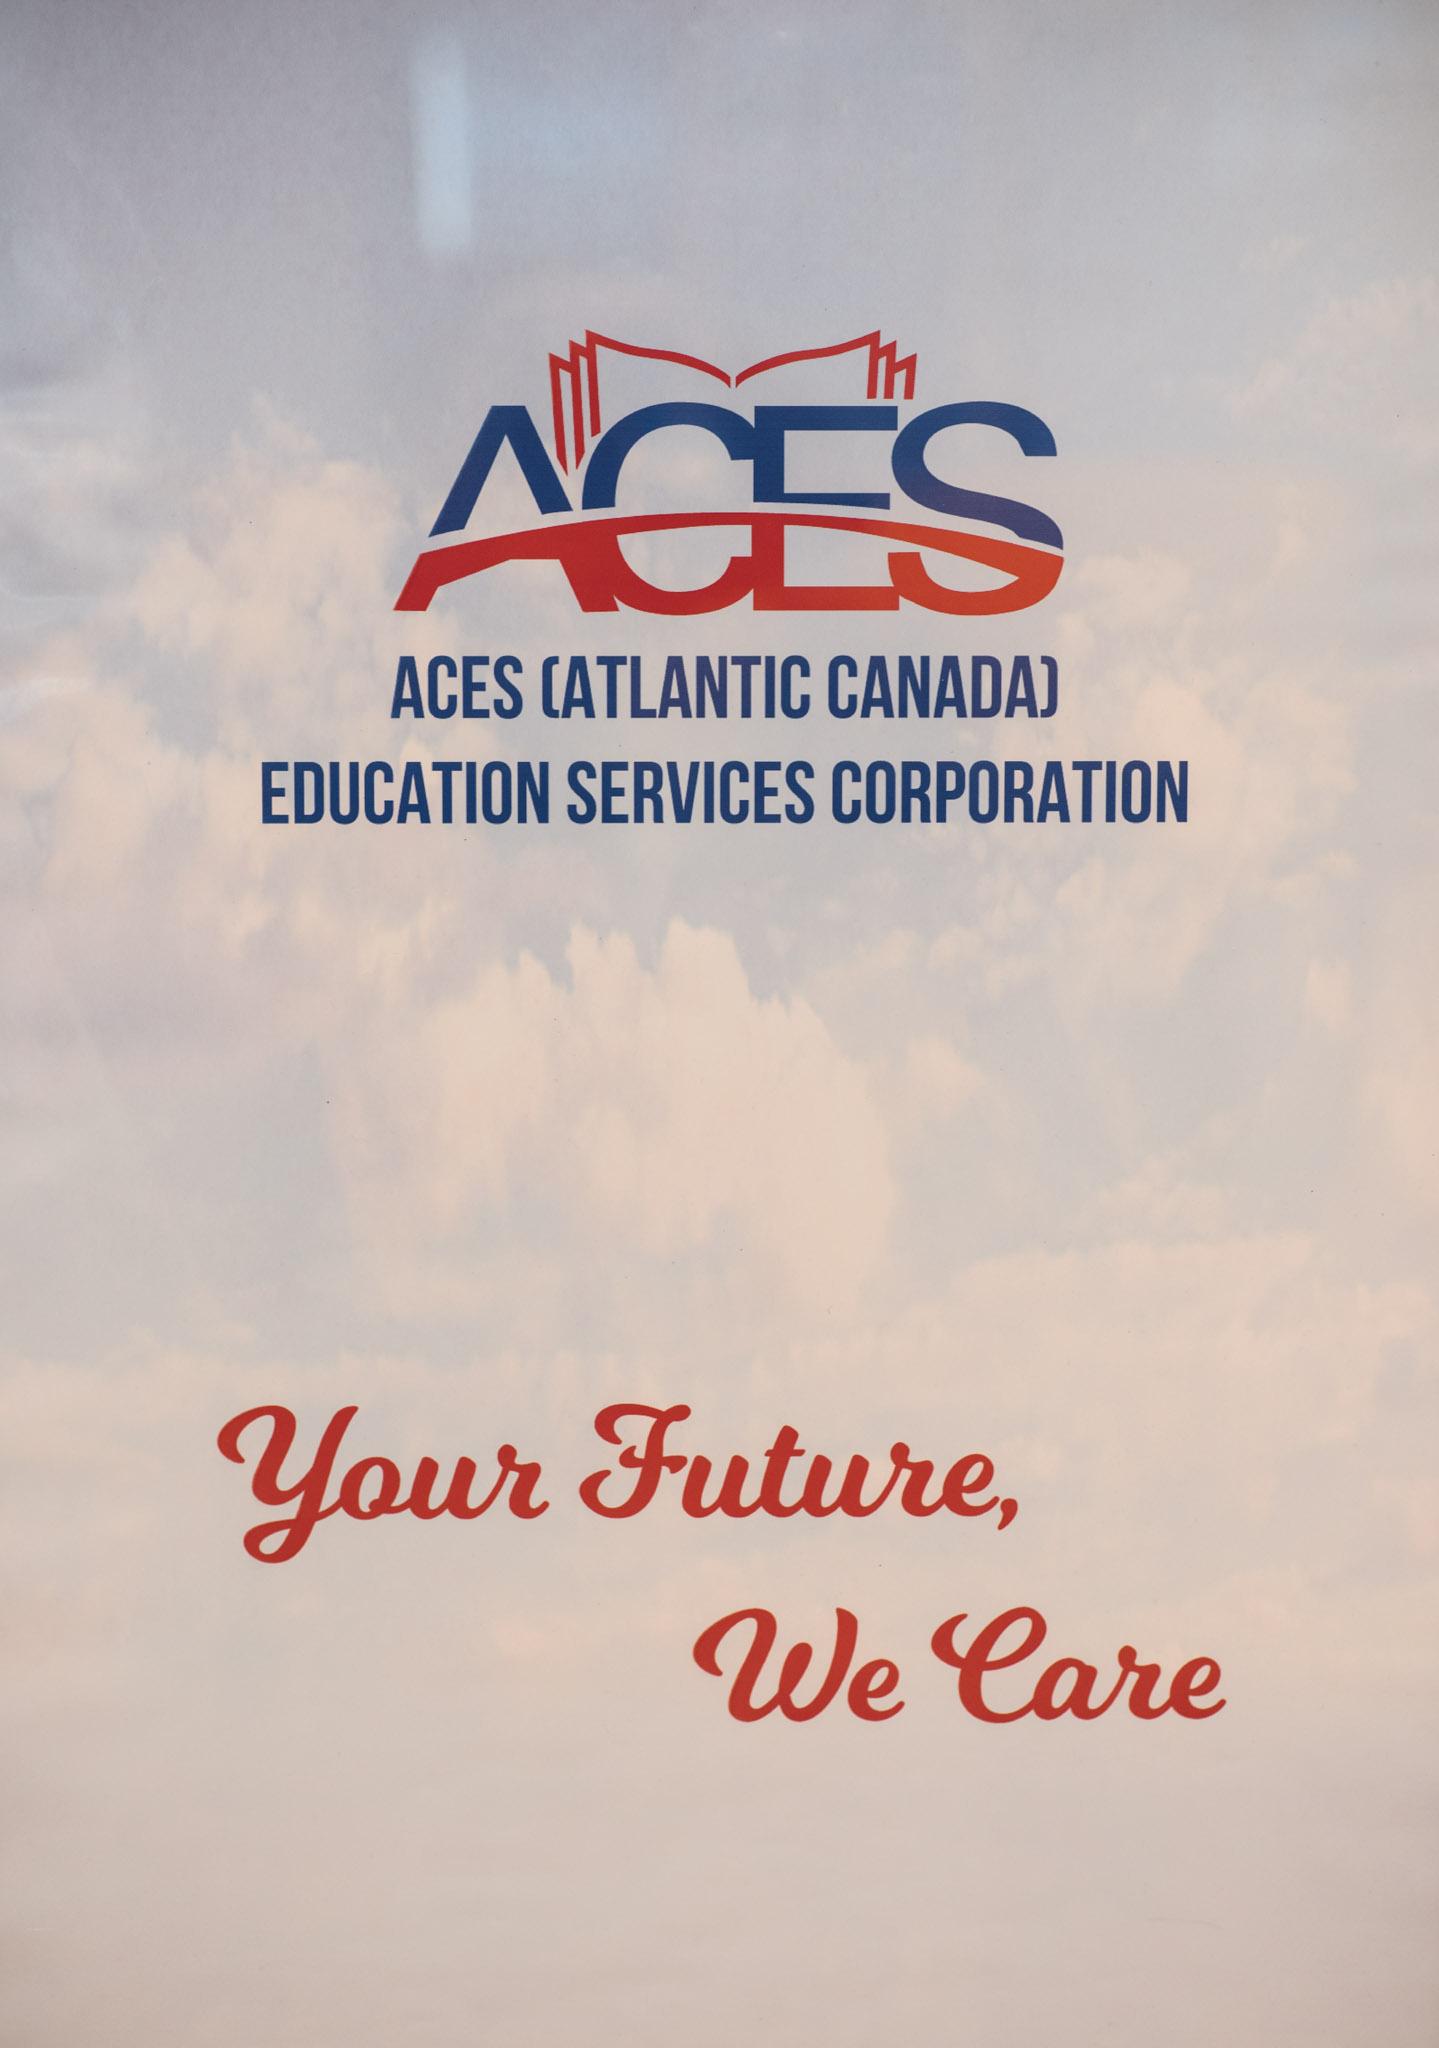 Aces-3